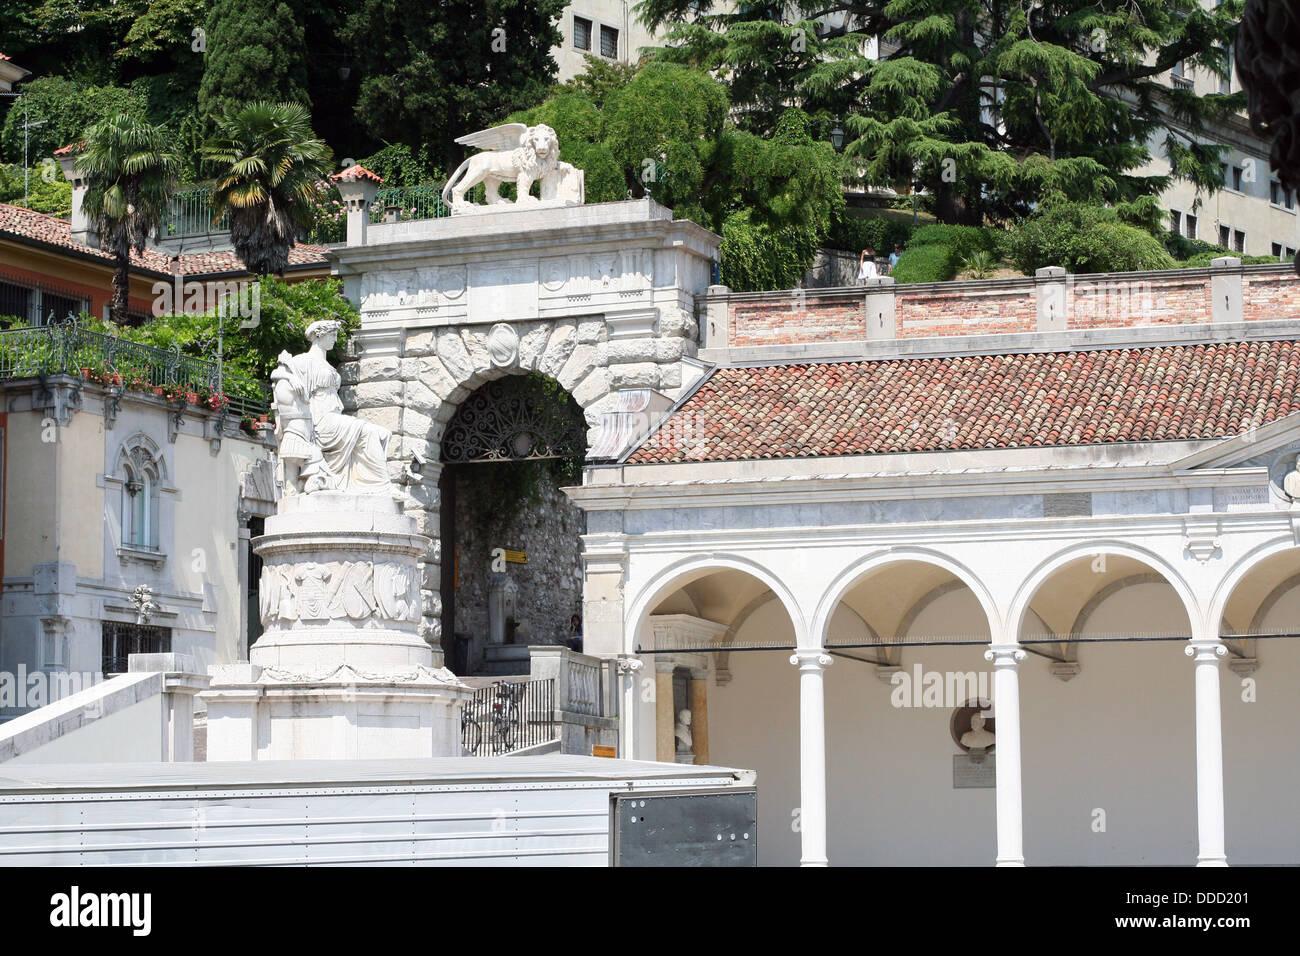 Udine, piazza della Liberta - Stock Image